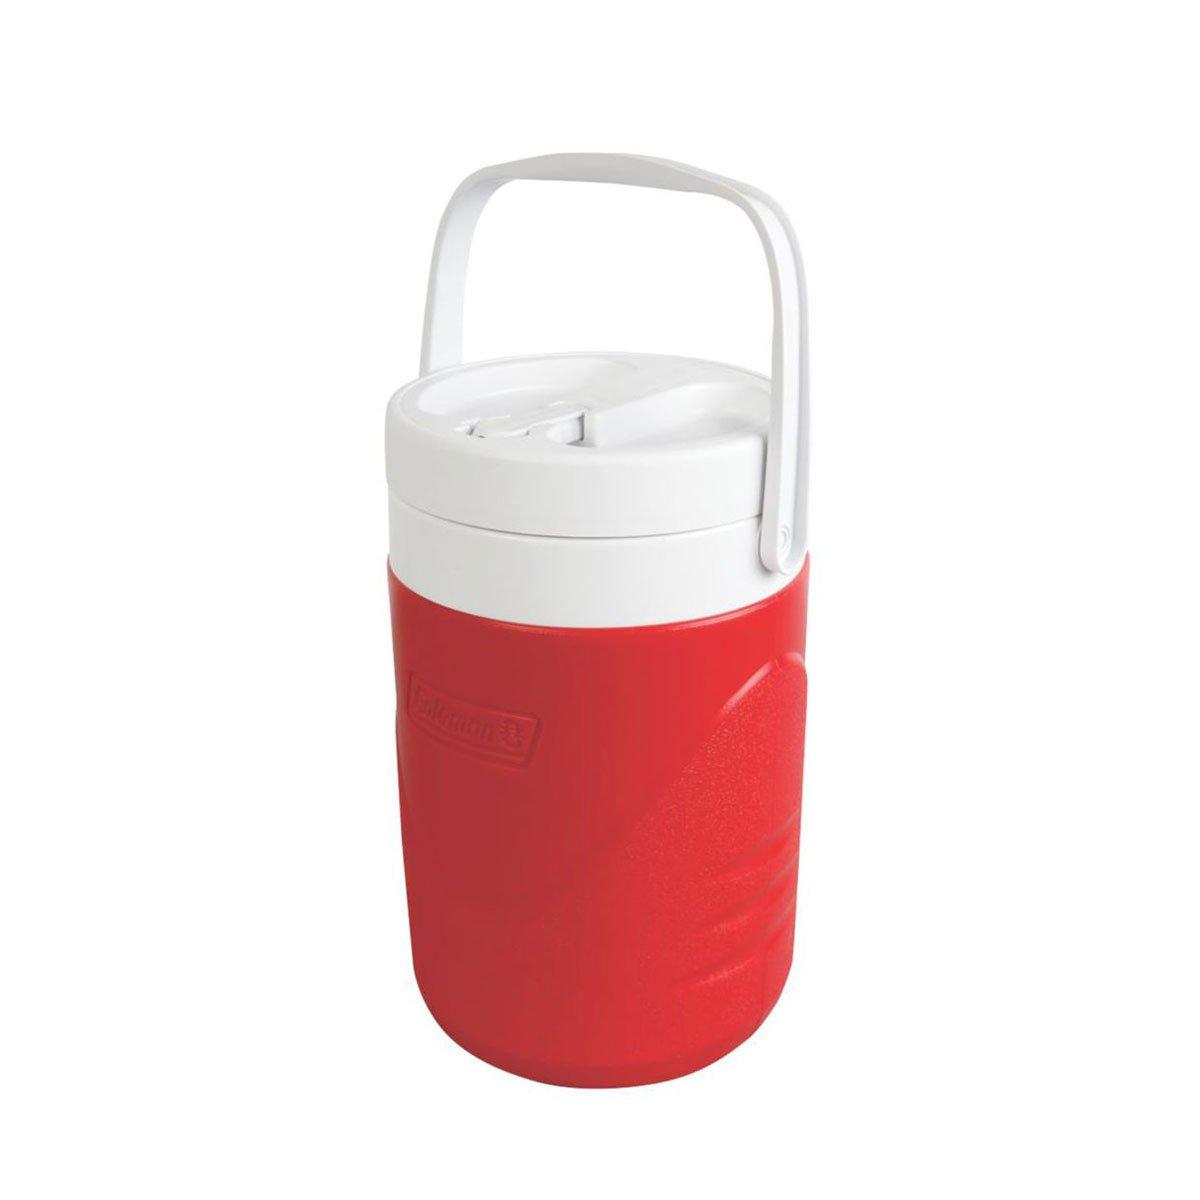 Jarra Térmica Coleman 3,8 Litros Vermelha com Alça de Mão